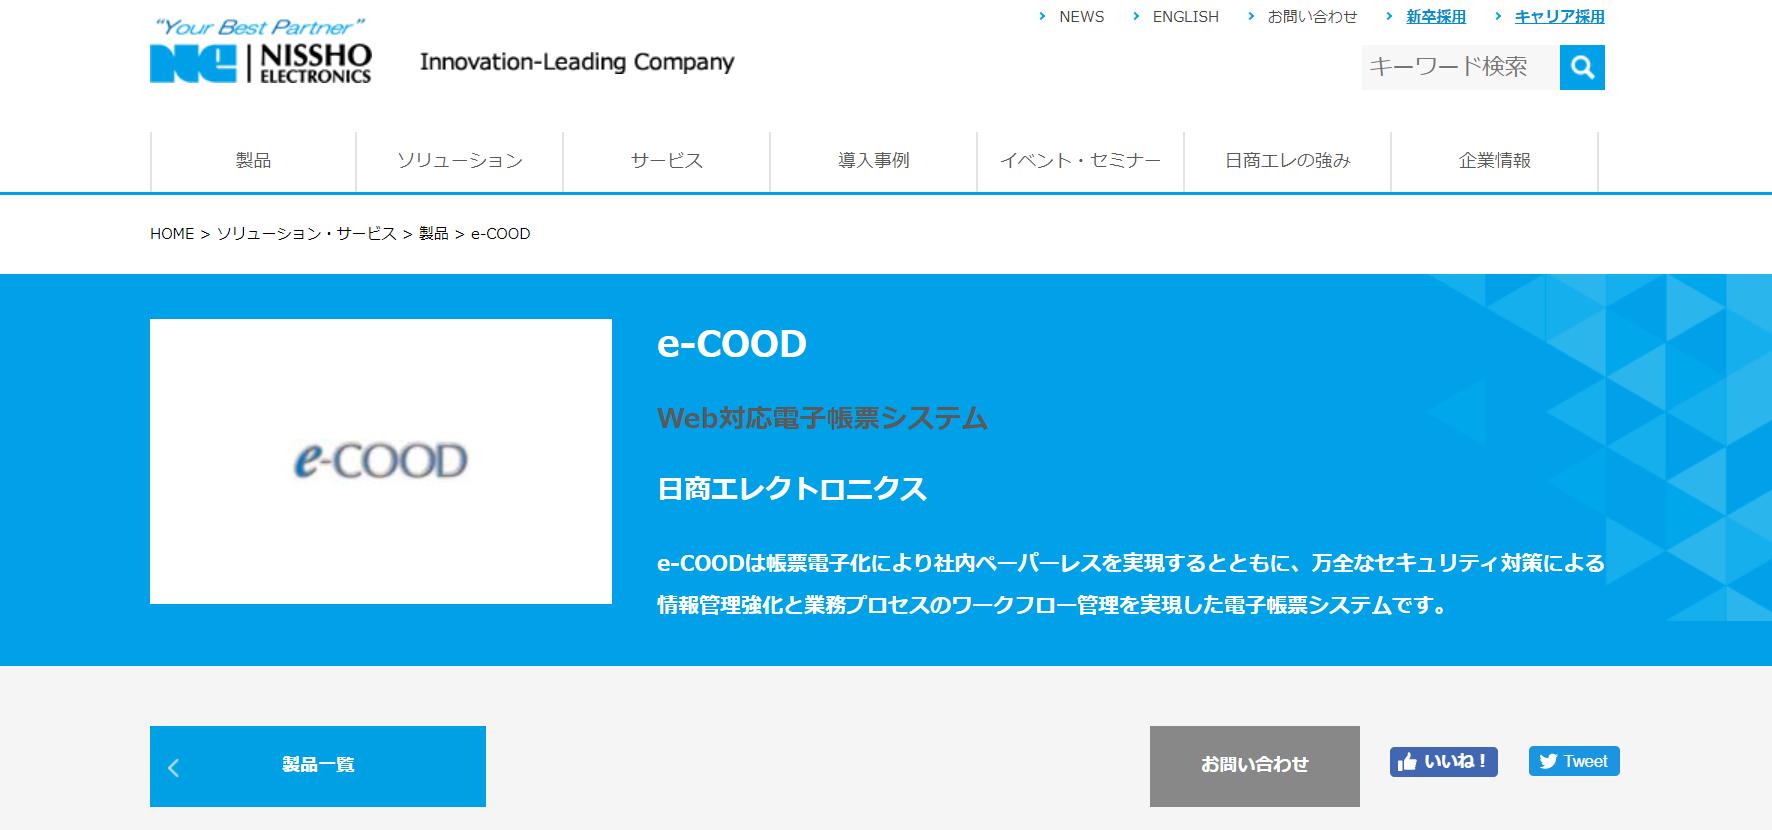 e-COOD